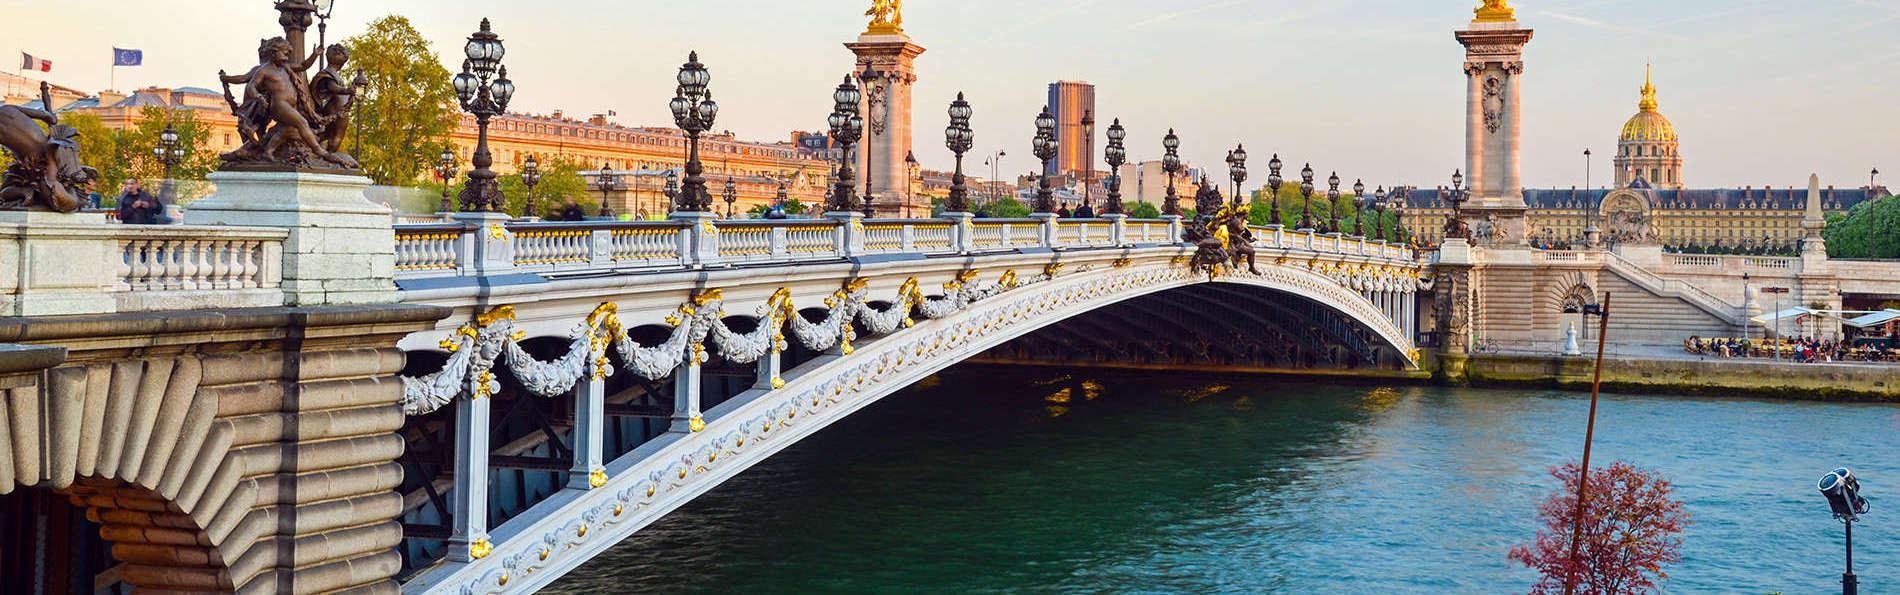 Découverte de Paris avec croisière sur la Seine